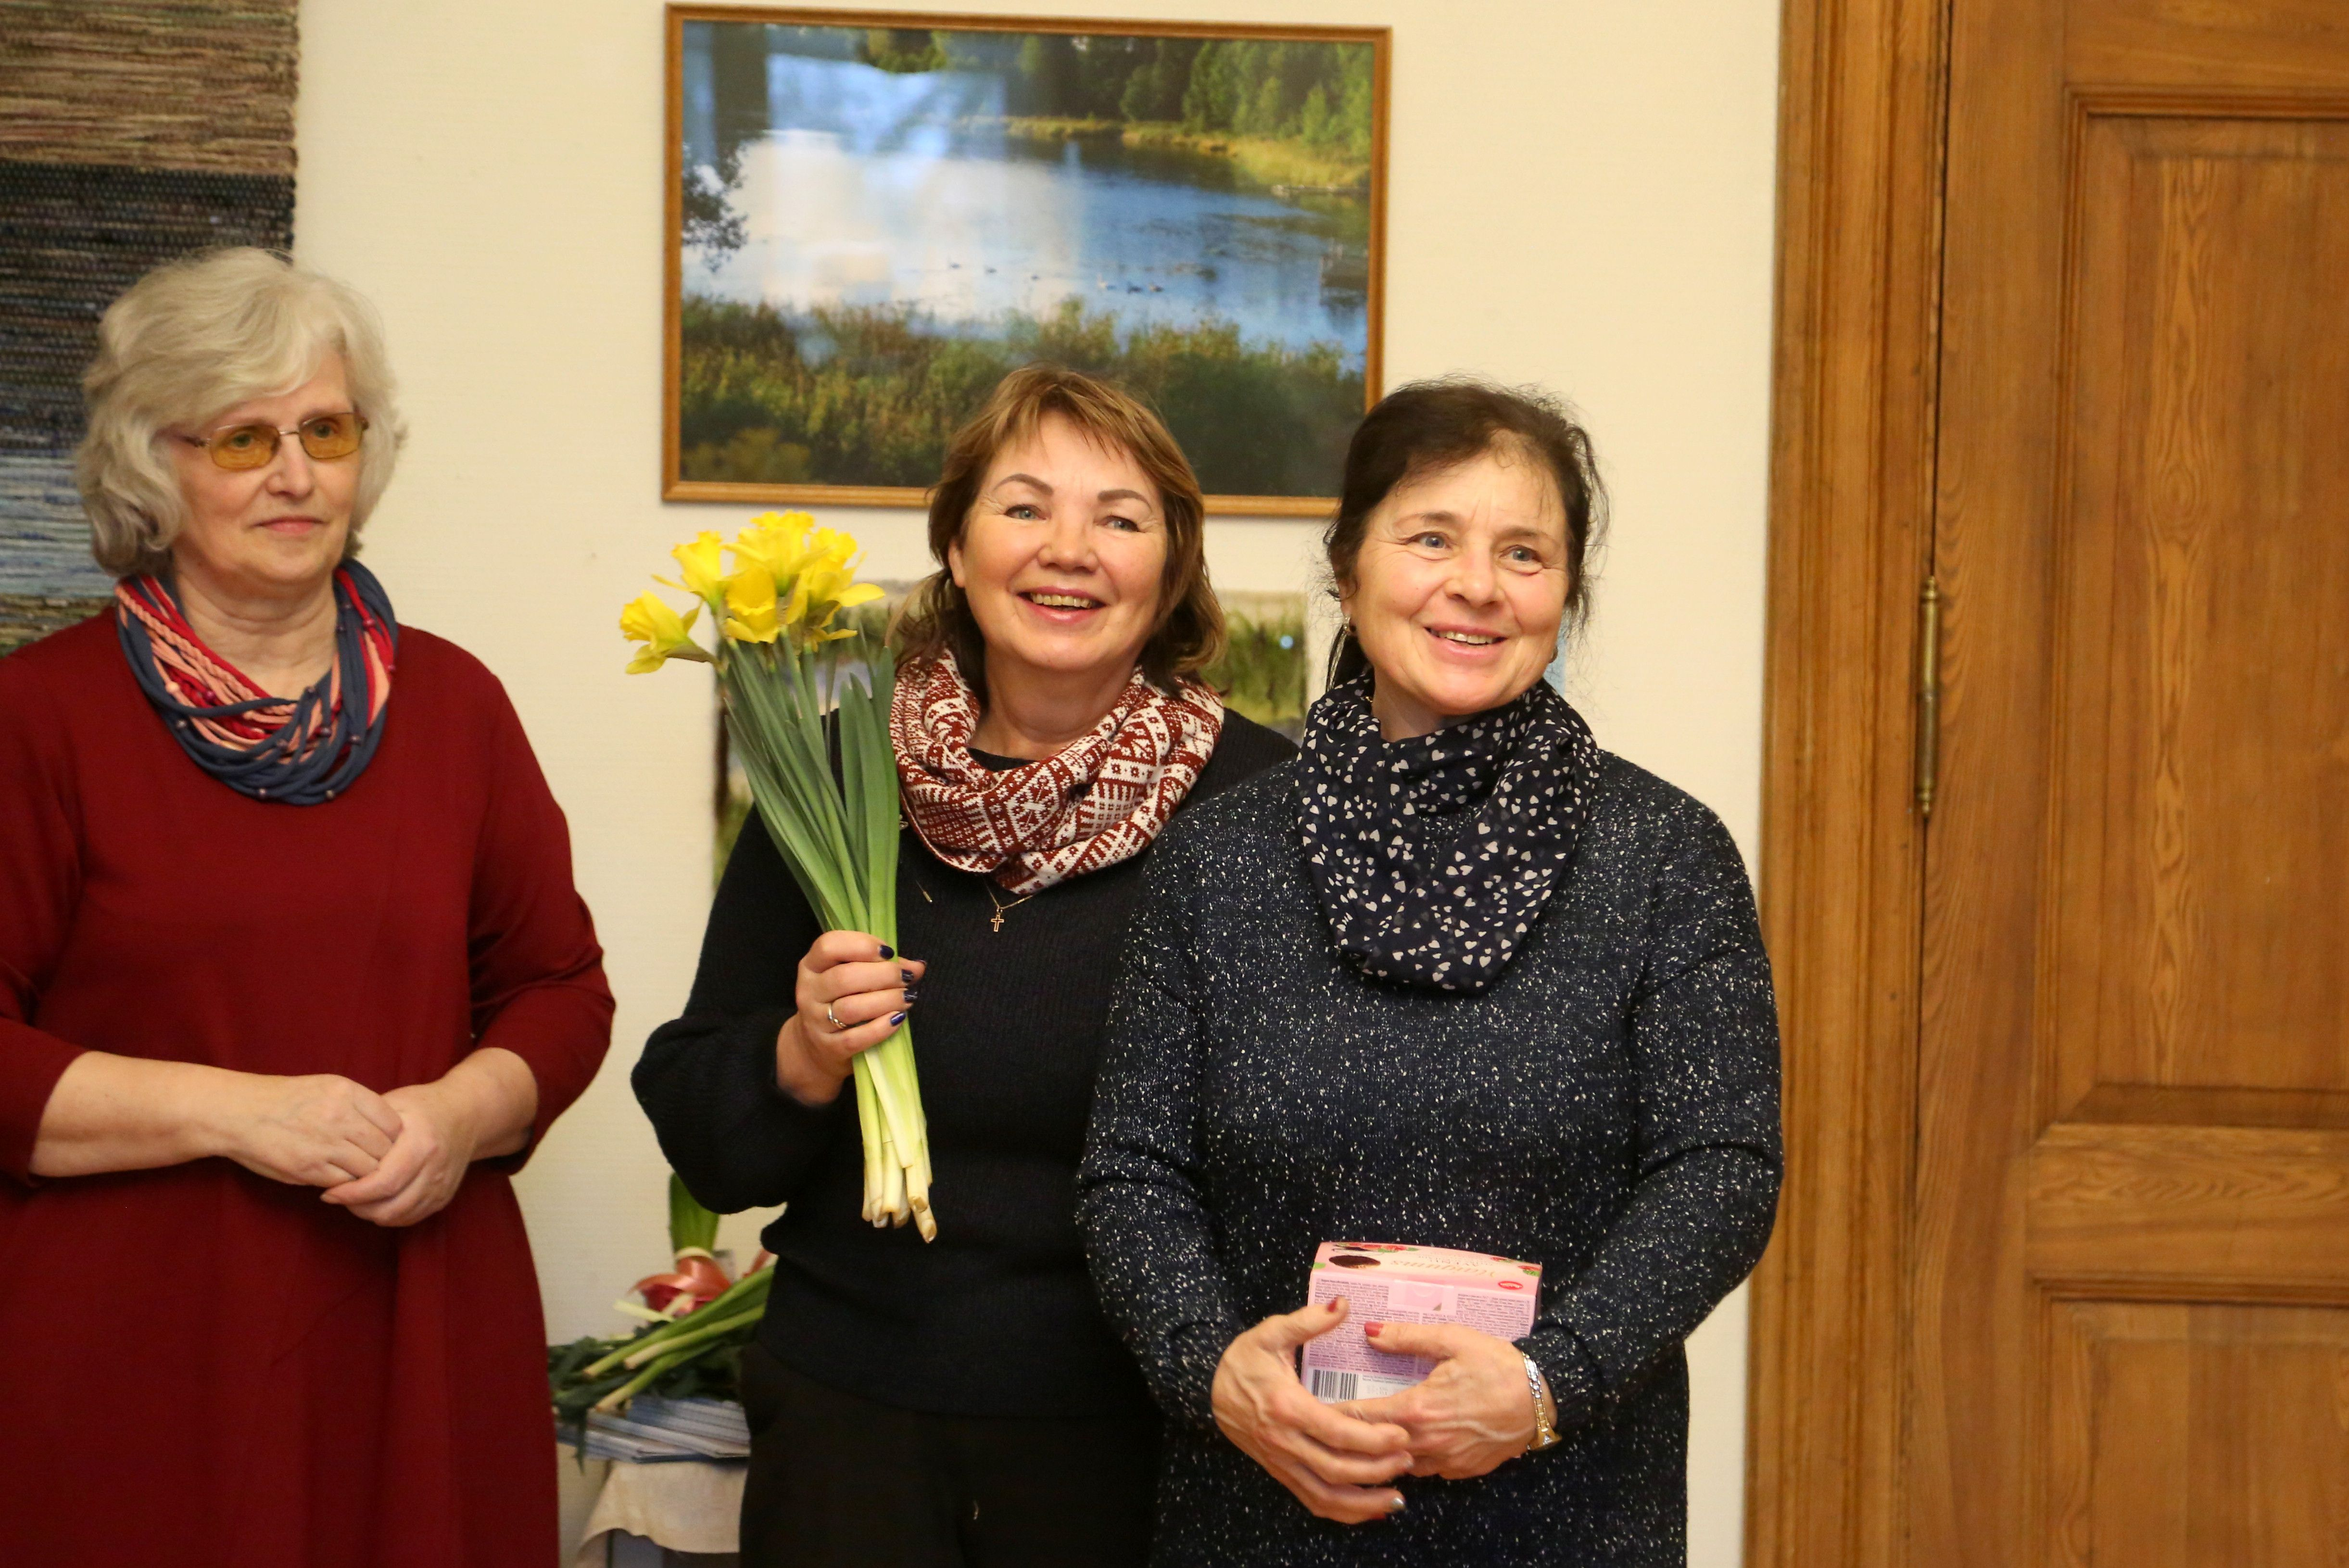 Pastendes kultūras nama Tautas lietišķās mākslas kolektīva vadītāja Biruta Austrupa un Spāres muižas saimnieces - Tabita Kalniņa un Aina Rozenberga.